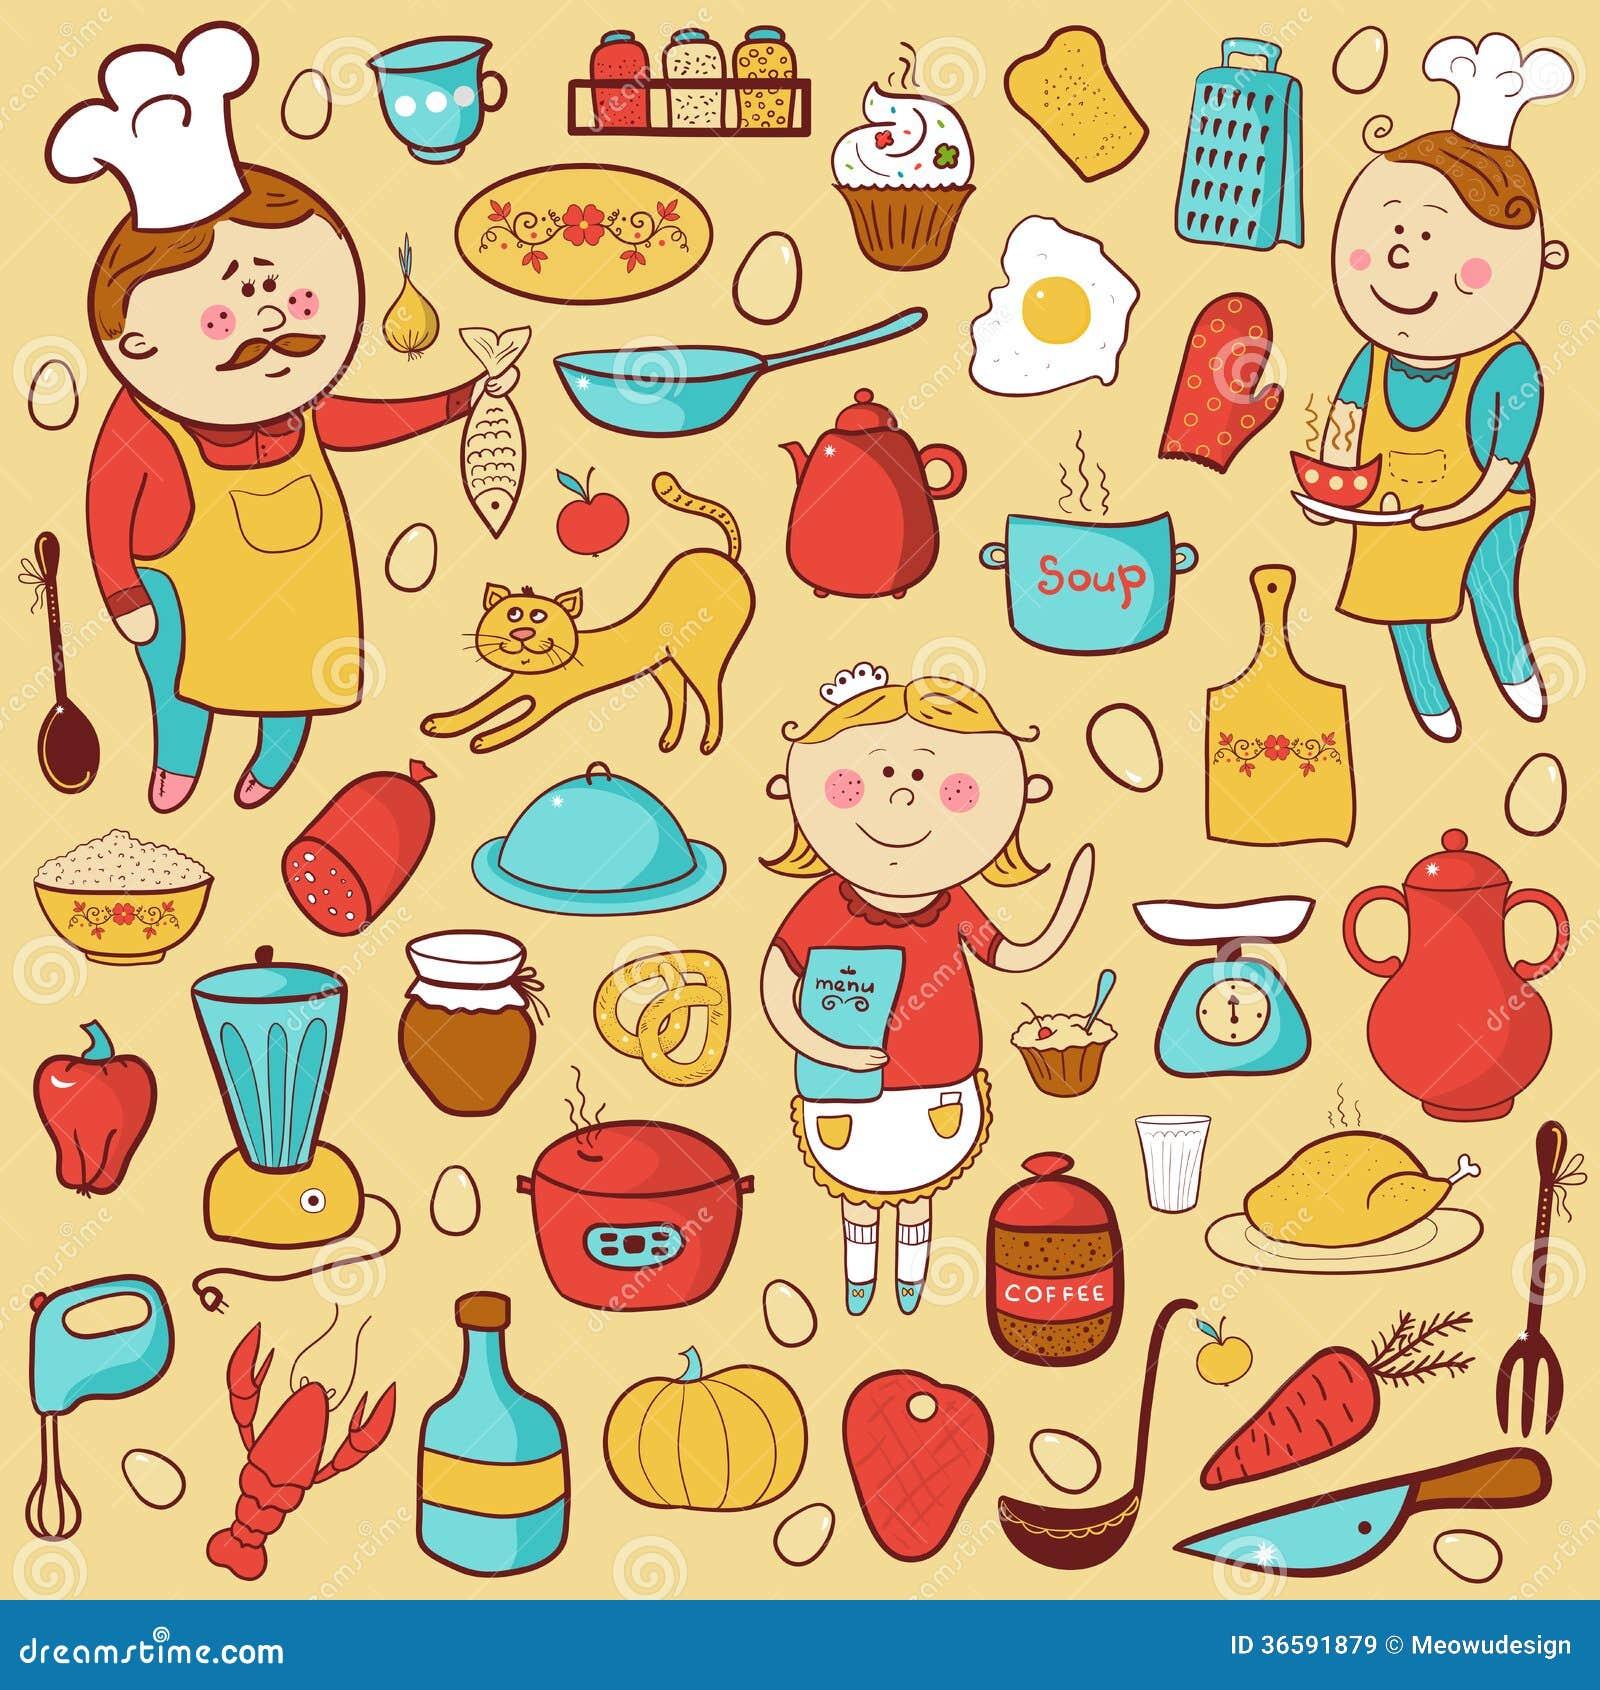 #BD8F0E Do Vetor Da Cozinha Elementos Coloridos Dos Desenhos Animados Imagens  1300x1390 px Nova Cozinha Desenhos Imagens_617 Imagens